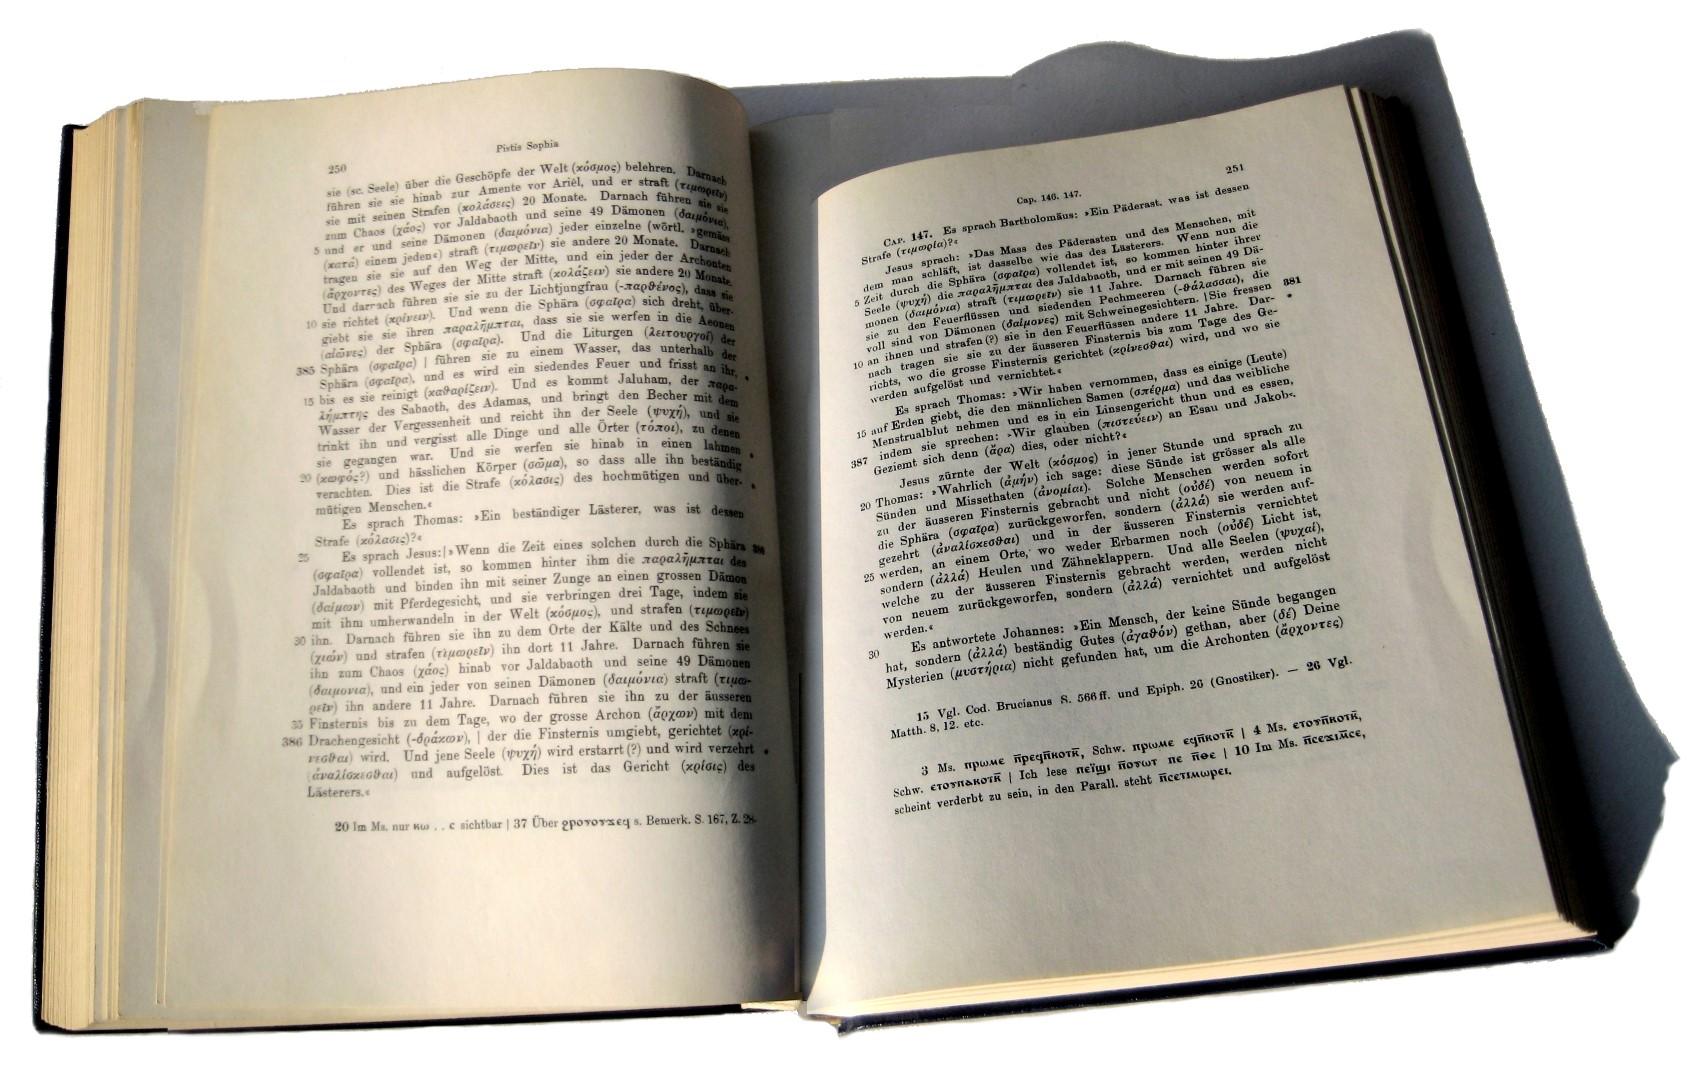 Carl Schmidt, Pistis Sophia, Bücher Jeû, Barbelo, Koptisch–Gnostische Schriften, 1. Band, Leipzig 1905, Il est venu à notre attention, que certaines (personnes) sur cette terre, qui prennent le sperme mâle et le sang menstruel femelle, le met dans un plat de lentilles et le mange.